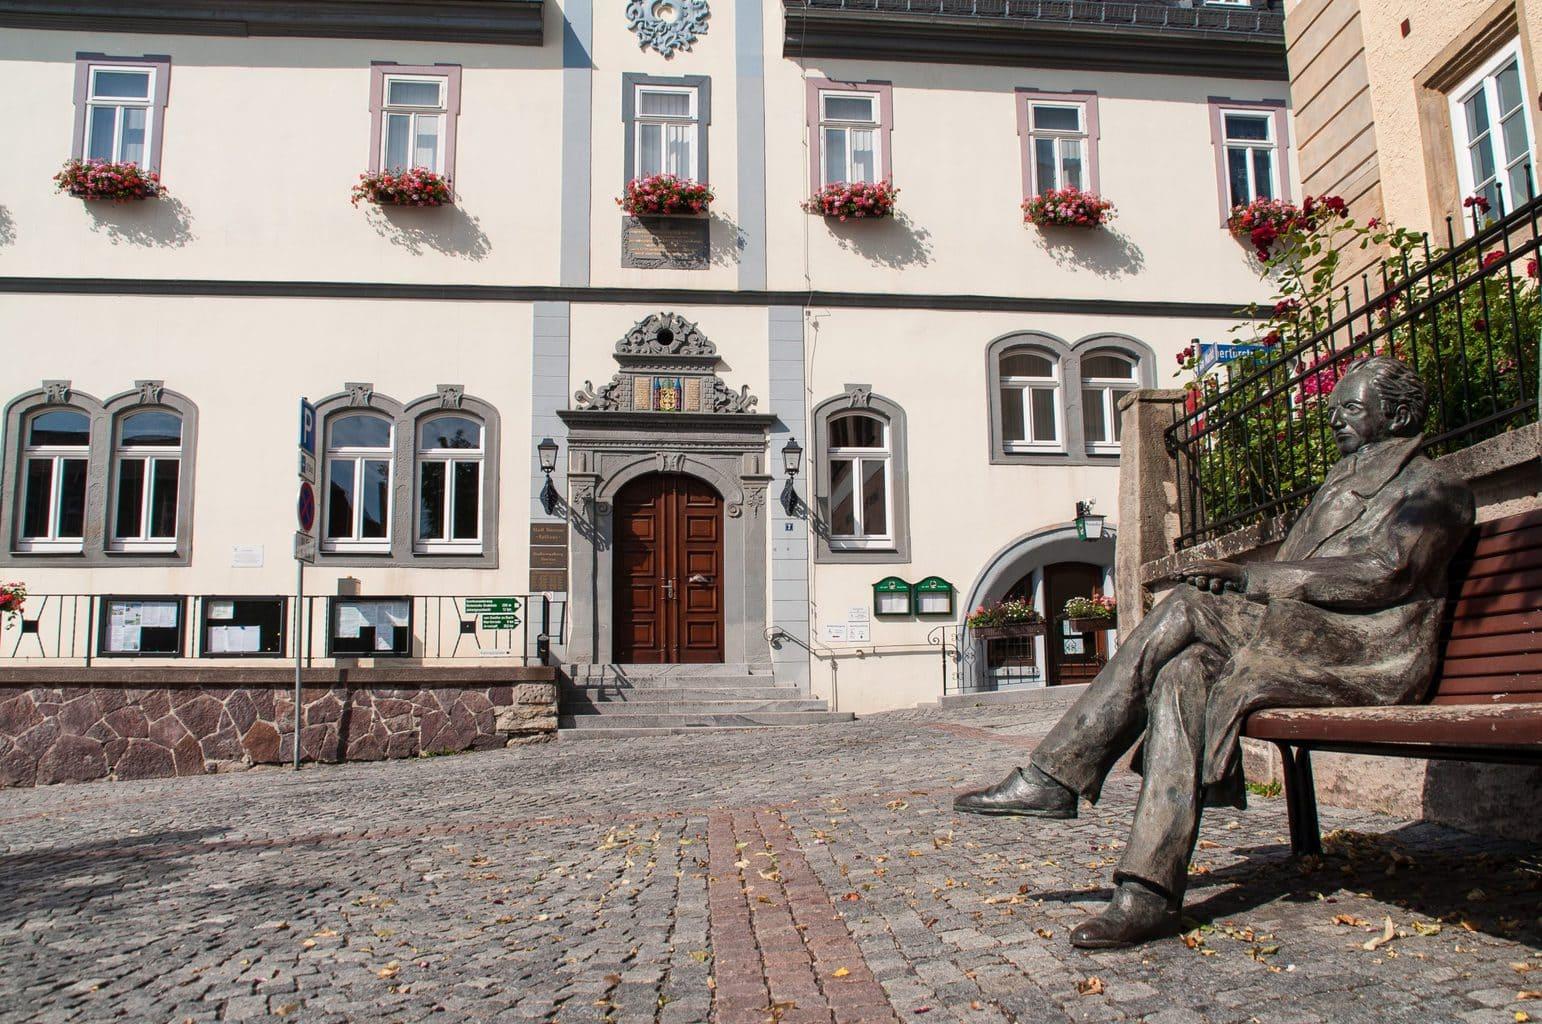 Standbeeld van Goethe op een bankje zittend in Ilmenau in Thüringen